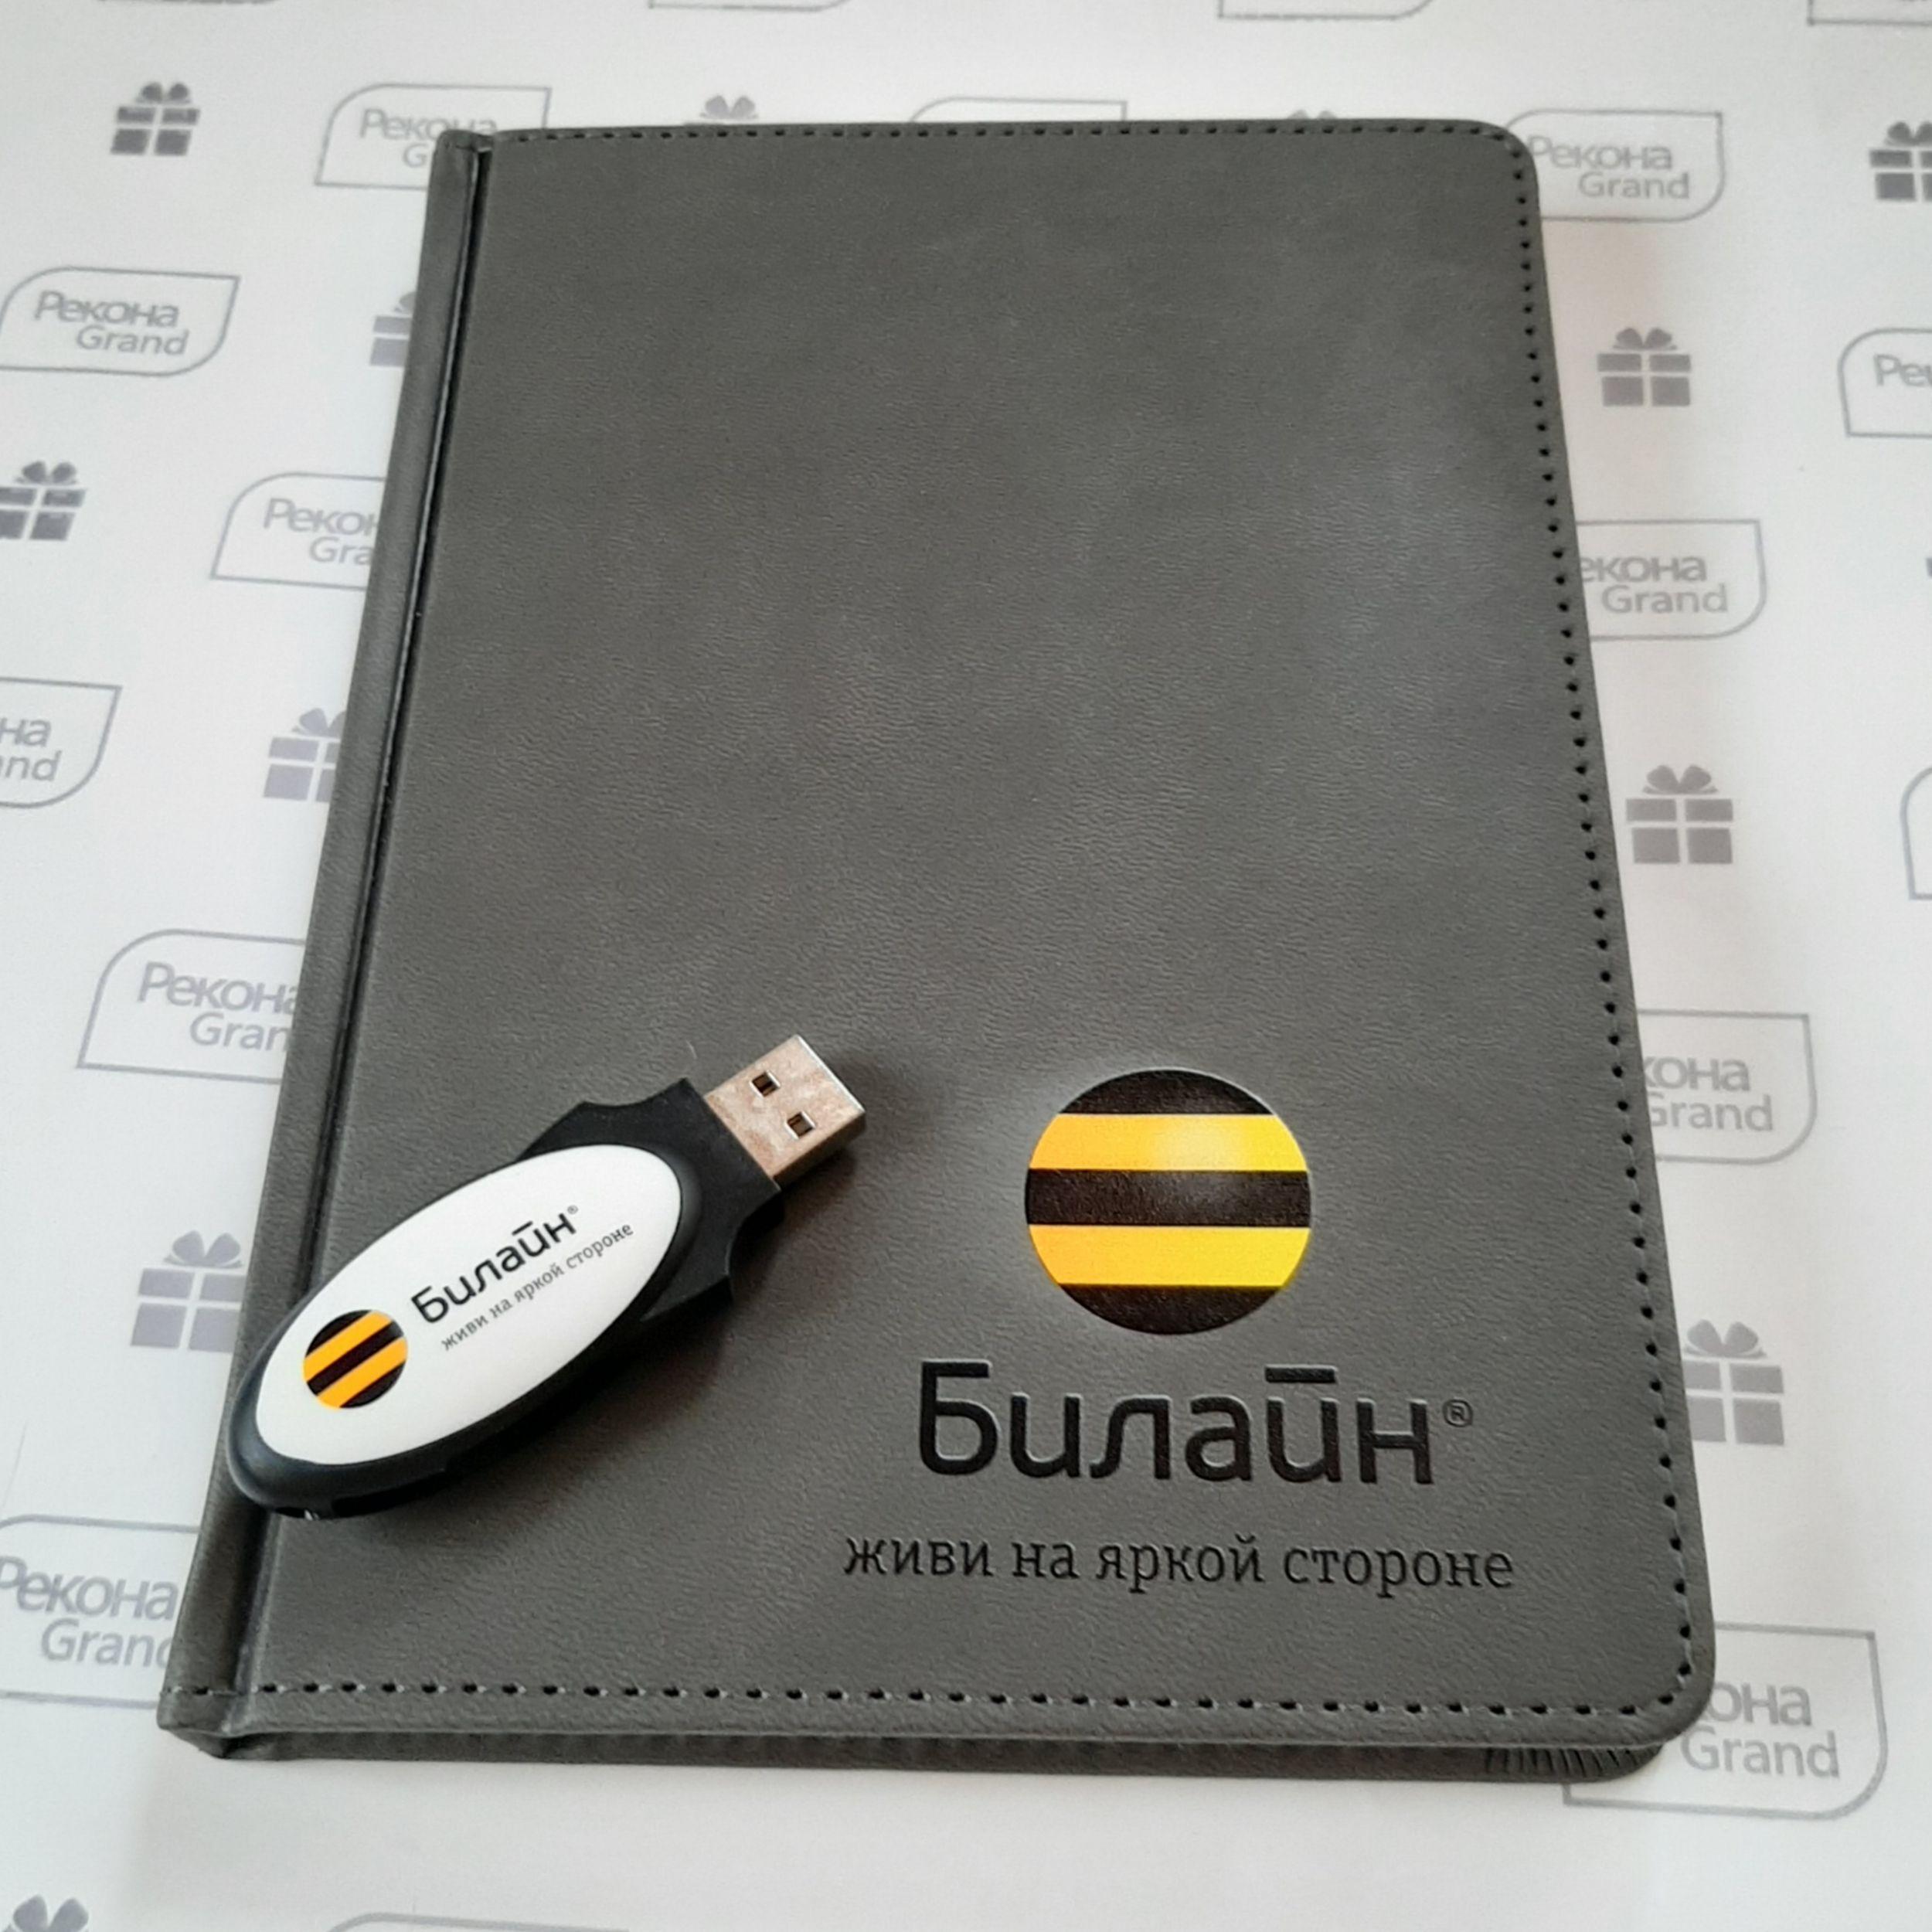 сувенирная продукция с логотипом